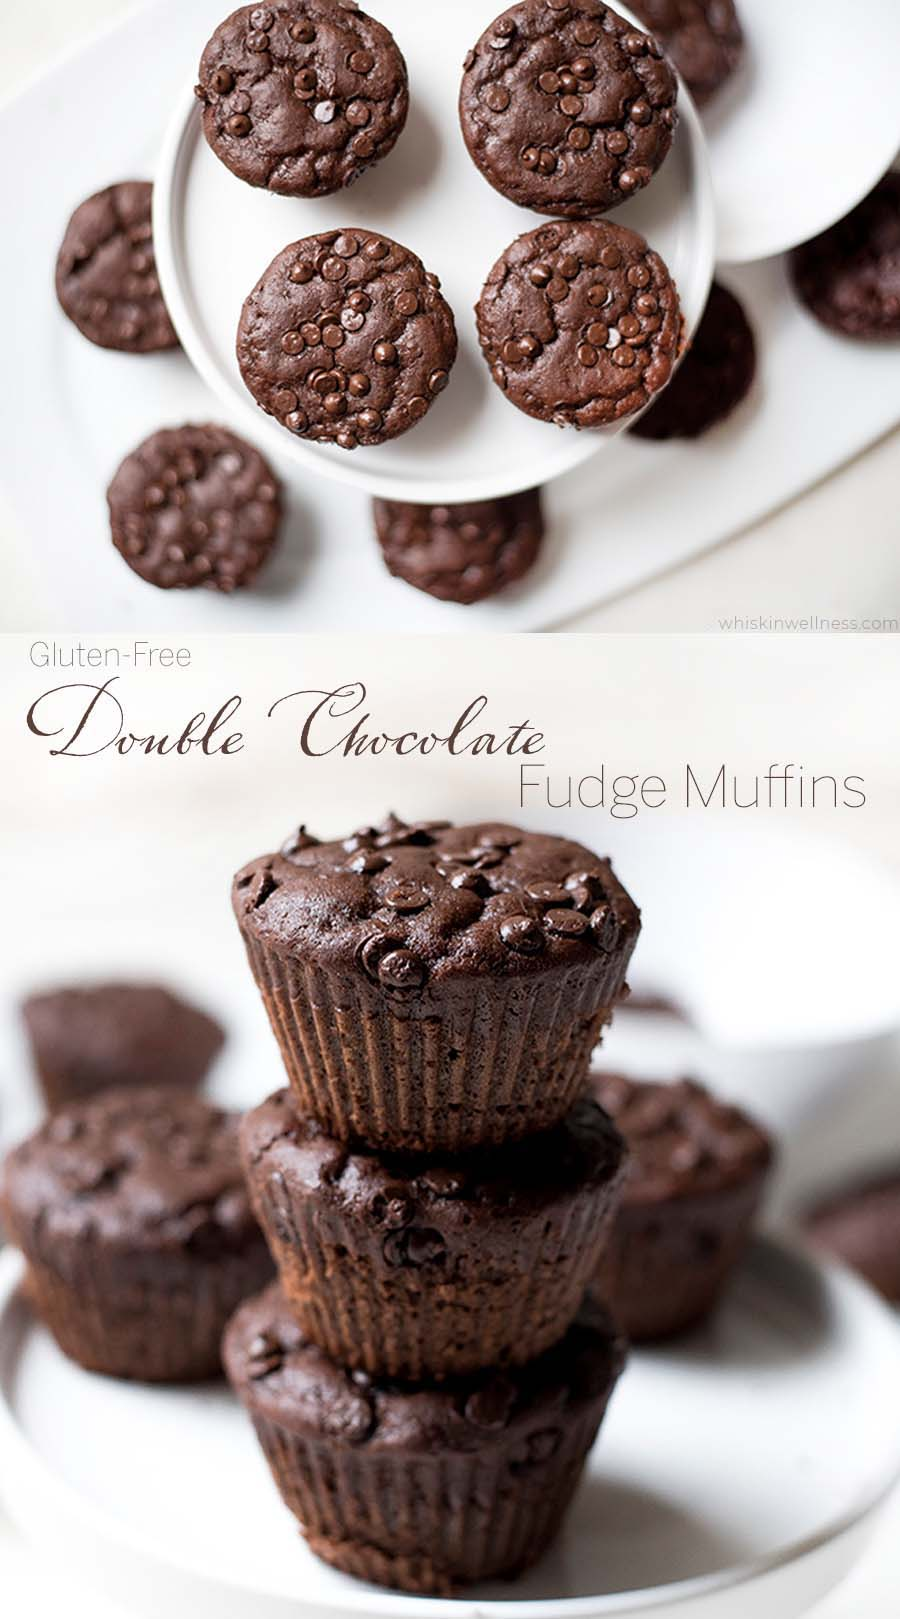 doublechocolatefudgemuffinspinterst.wiw